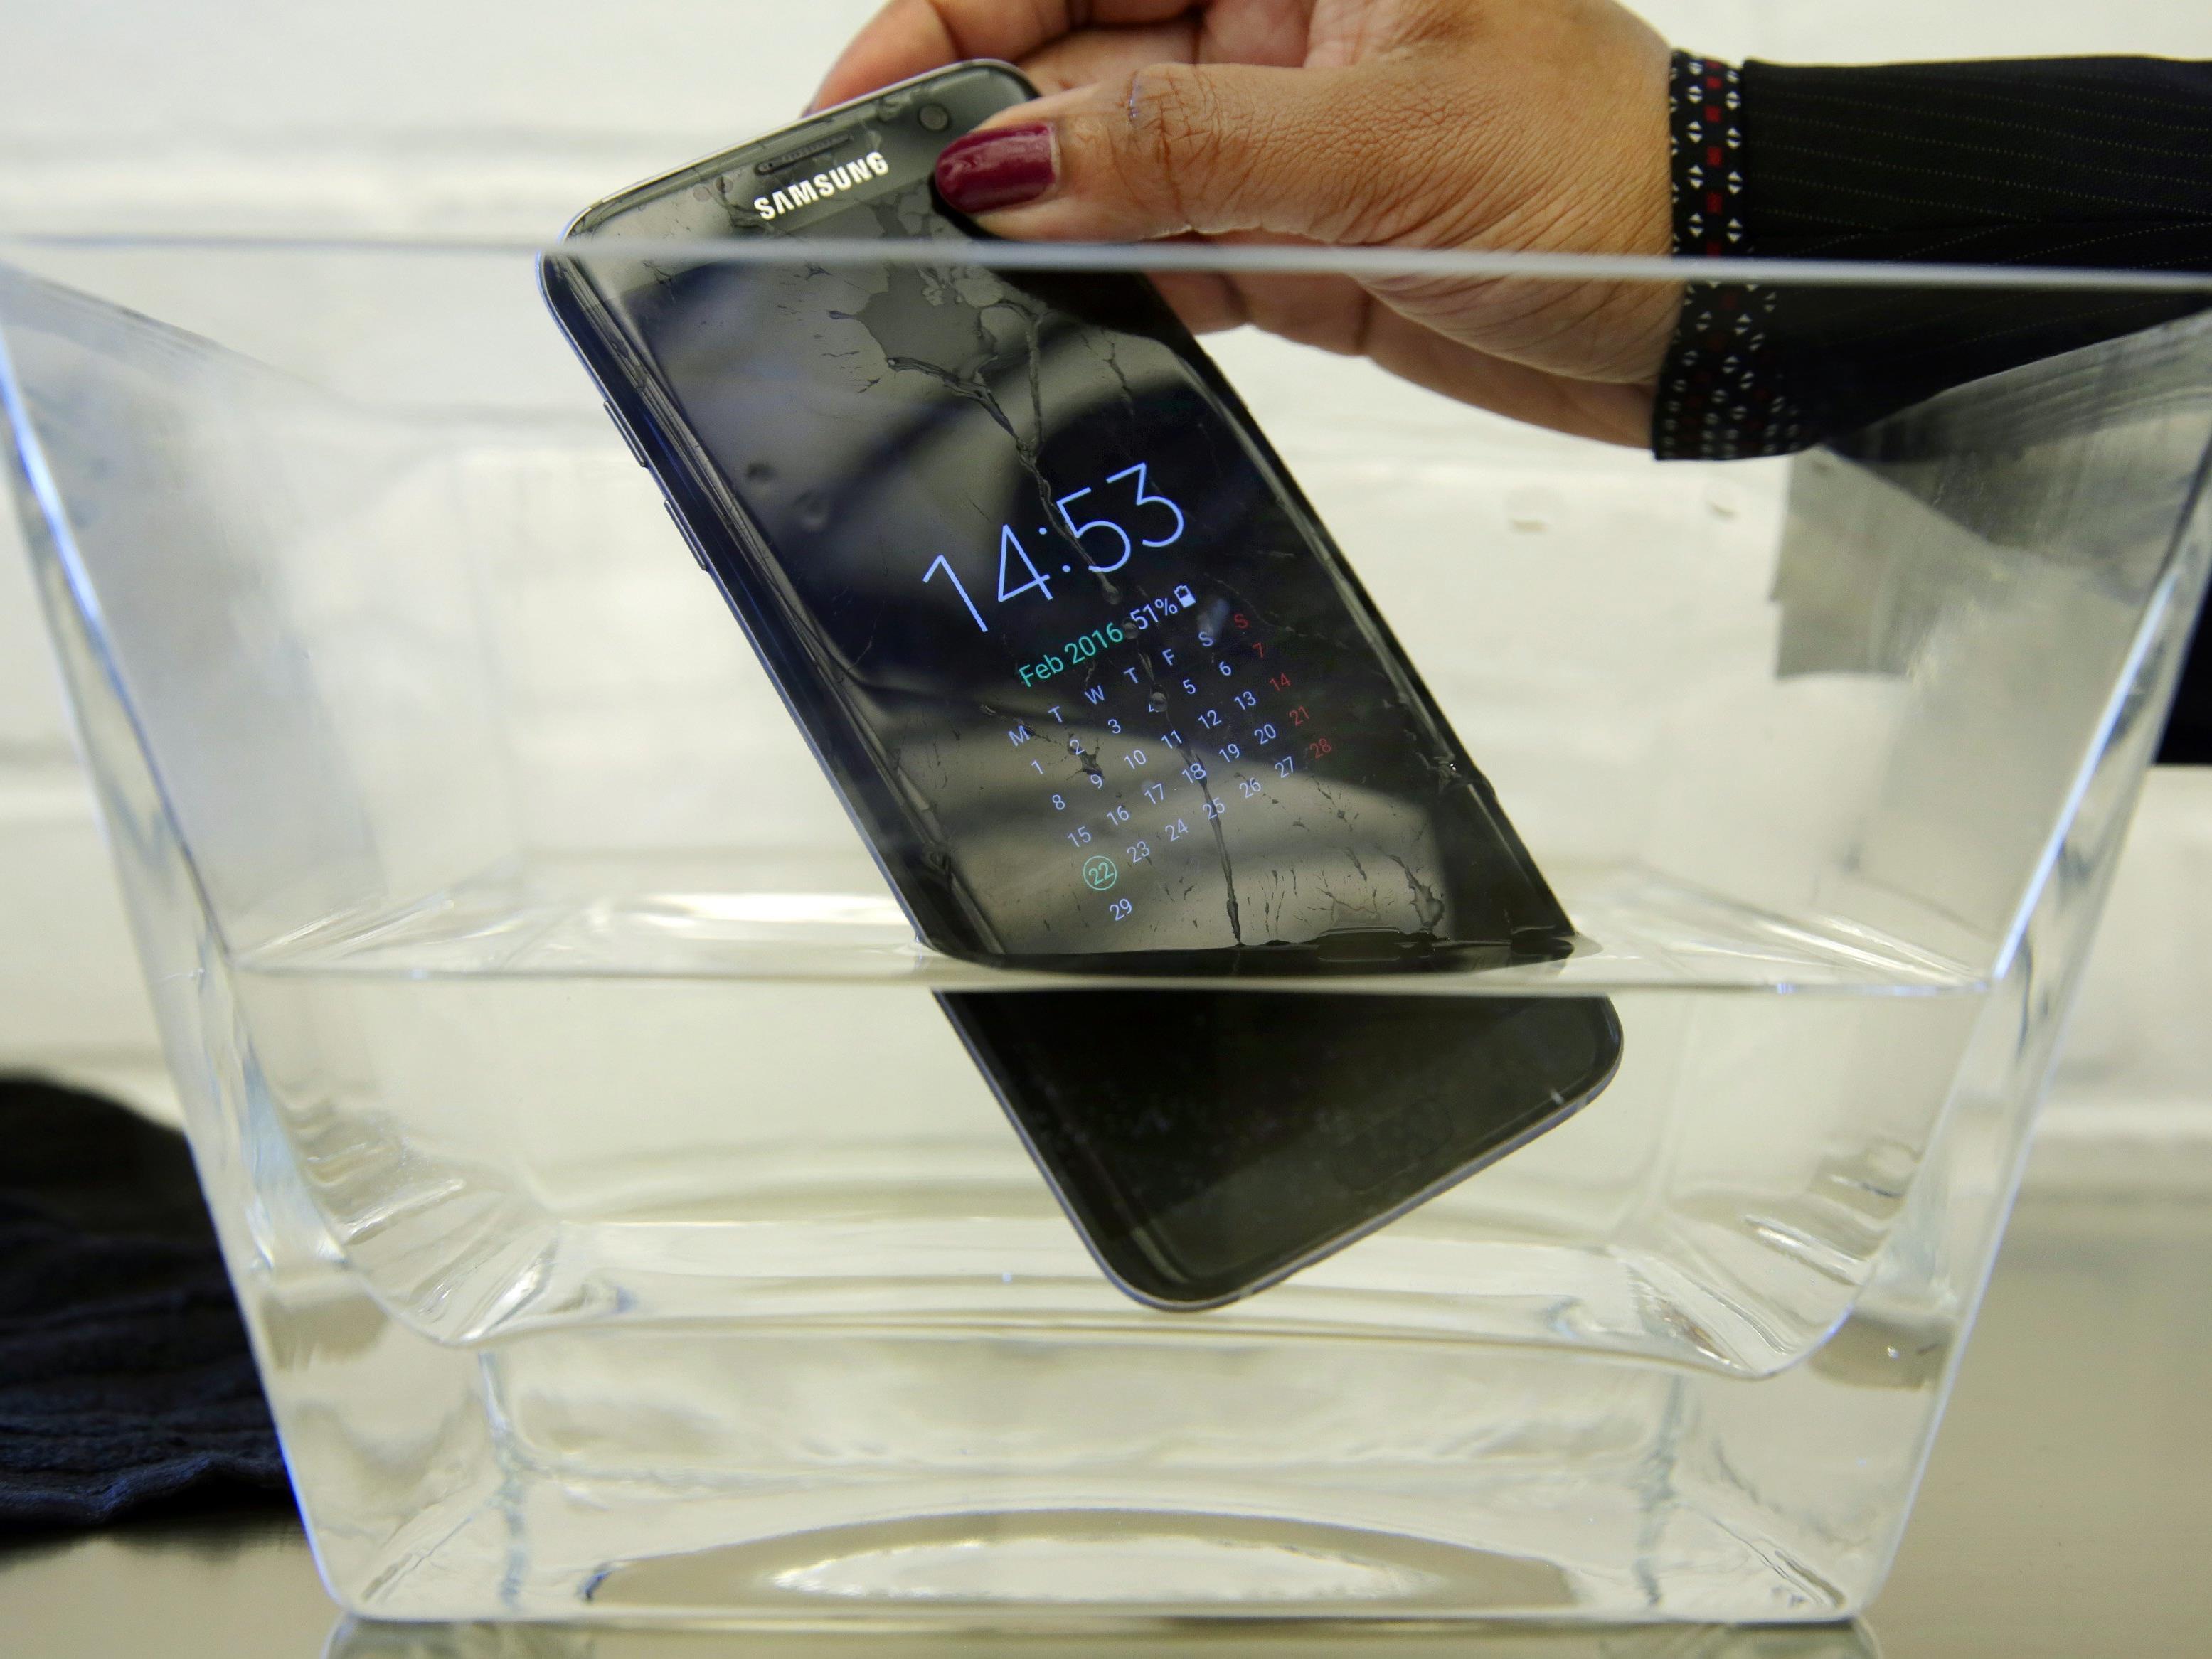 Ein Samsung Smartphone im Härtetest. Wasser und Handys sind ein heikles Thema.